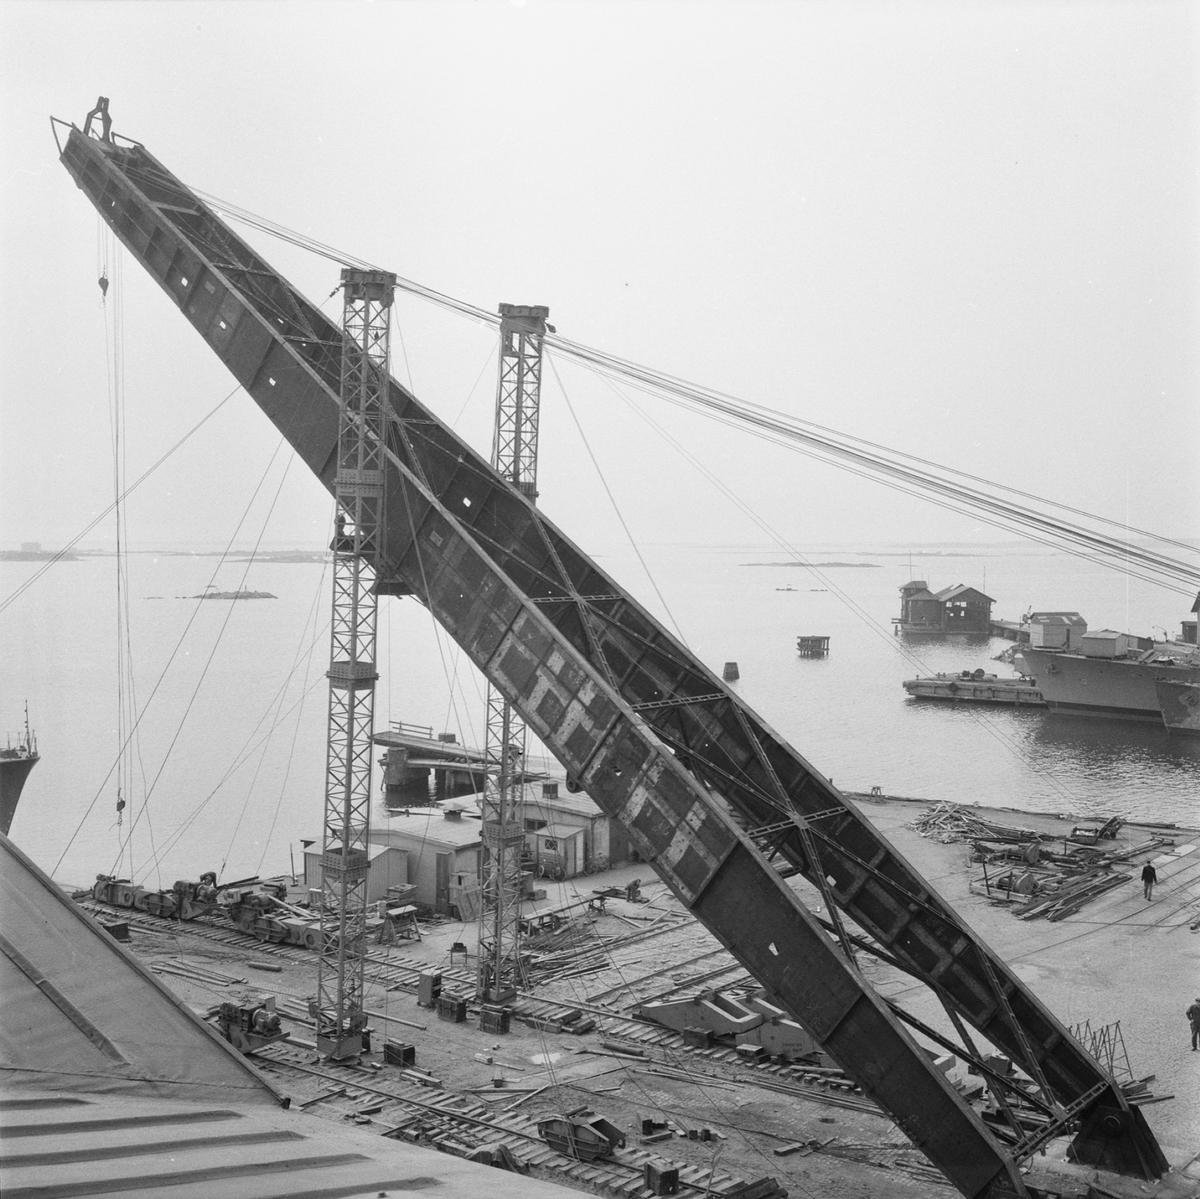 Övrigt: Fotodatum:9/4 1959 Byggnader och Kranar. Nya 100-tonskranen montering av kranarm. Närmast identisk bild: V16512, ej skannad